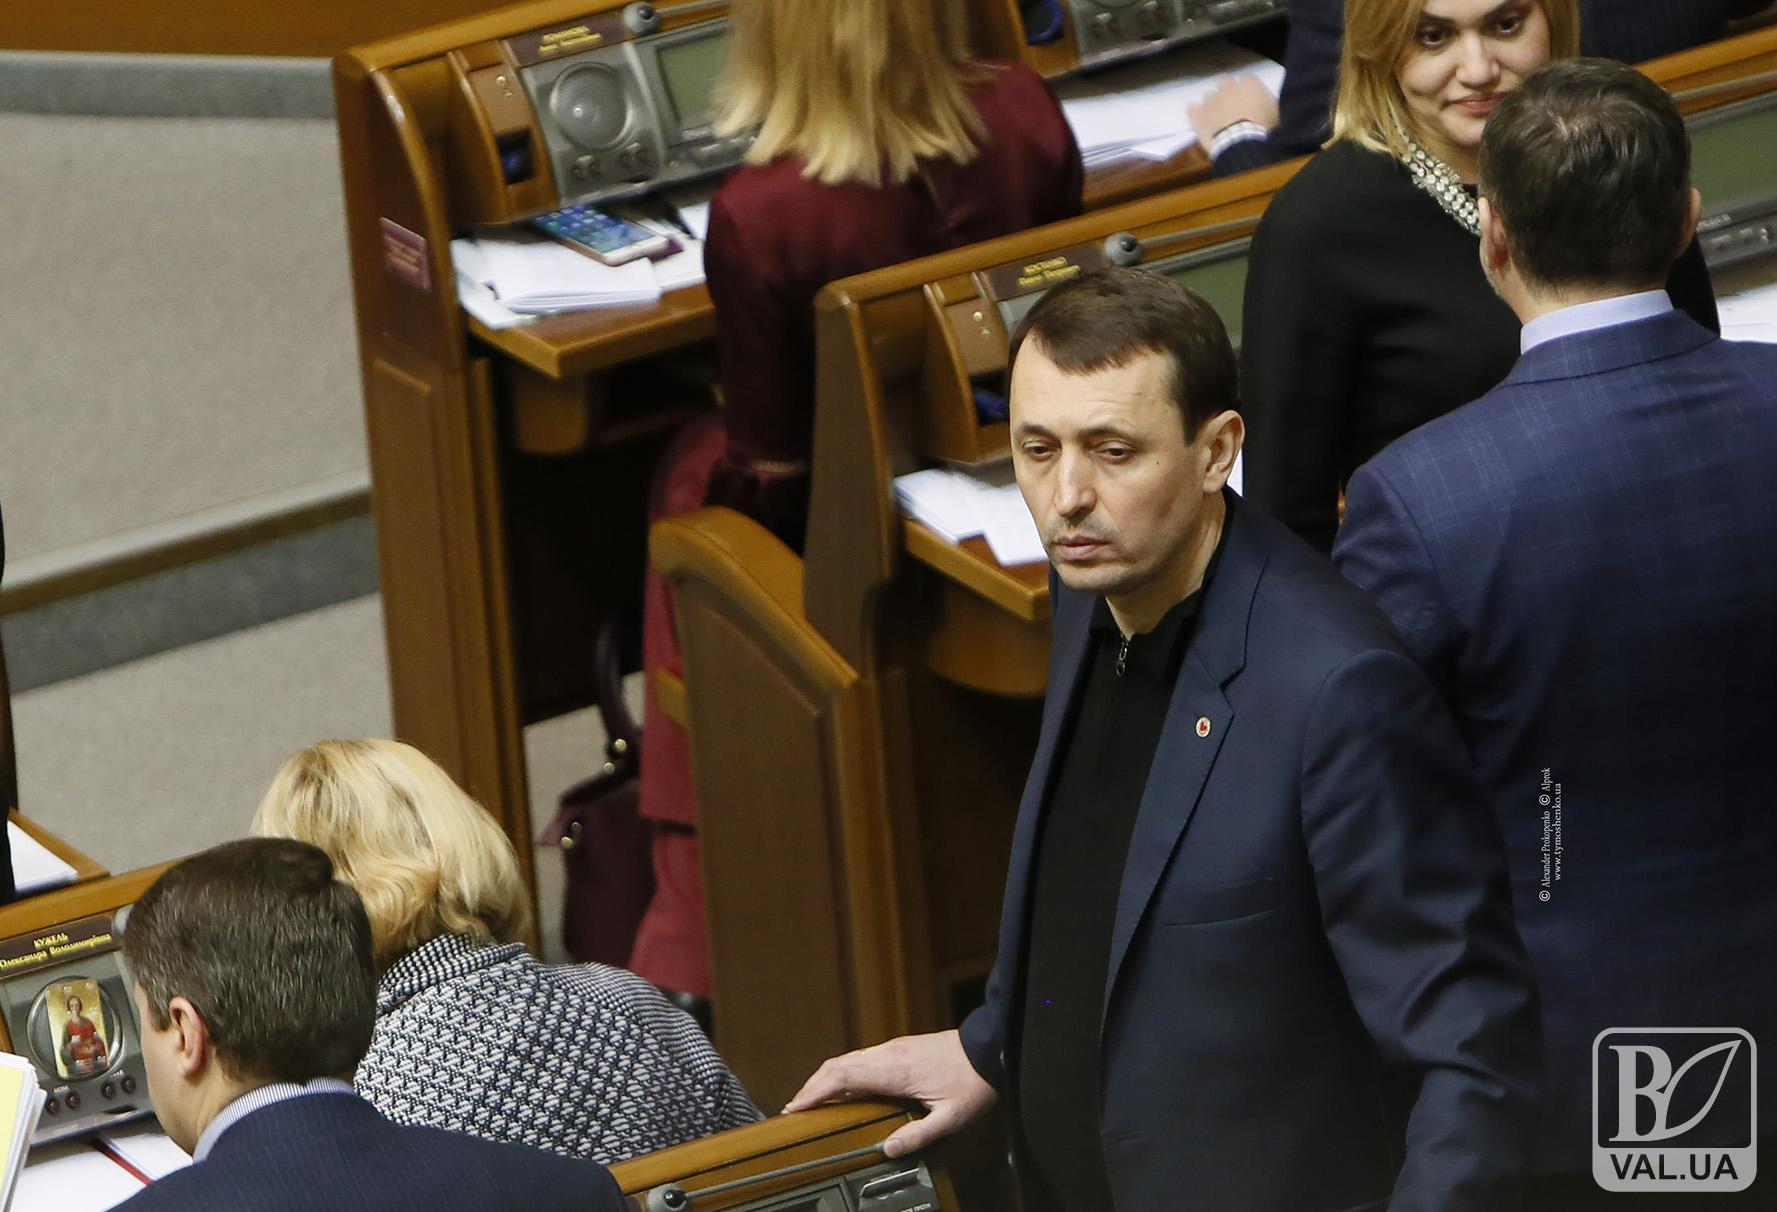 Українці з власної кишені платять за медицину більше, аніж держава